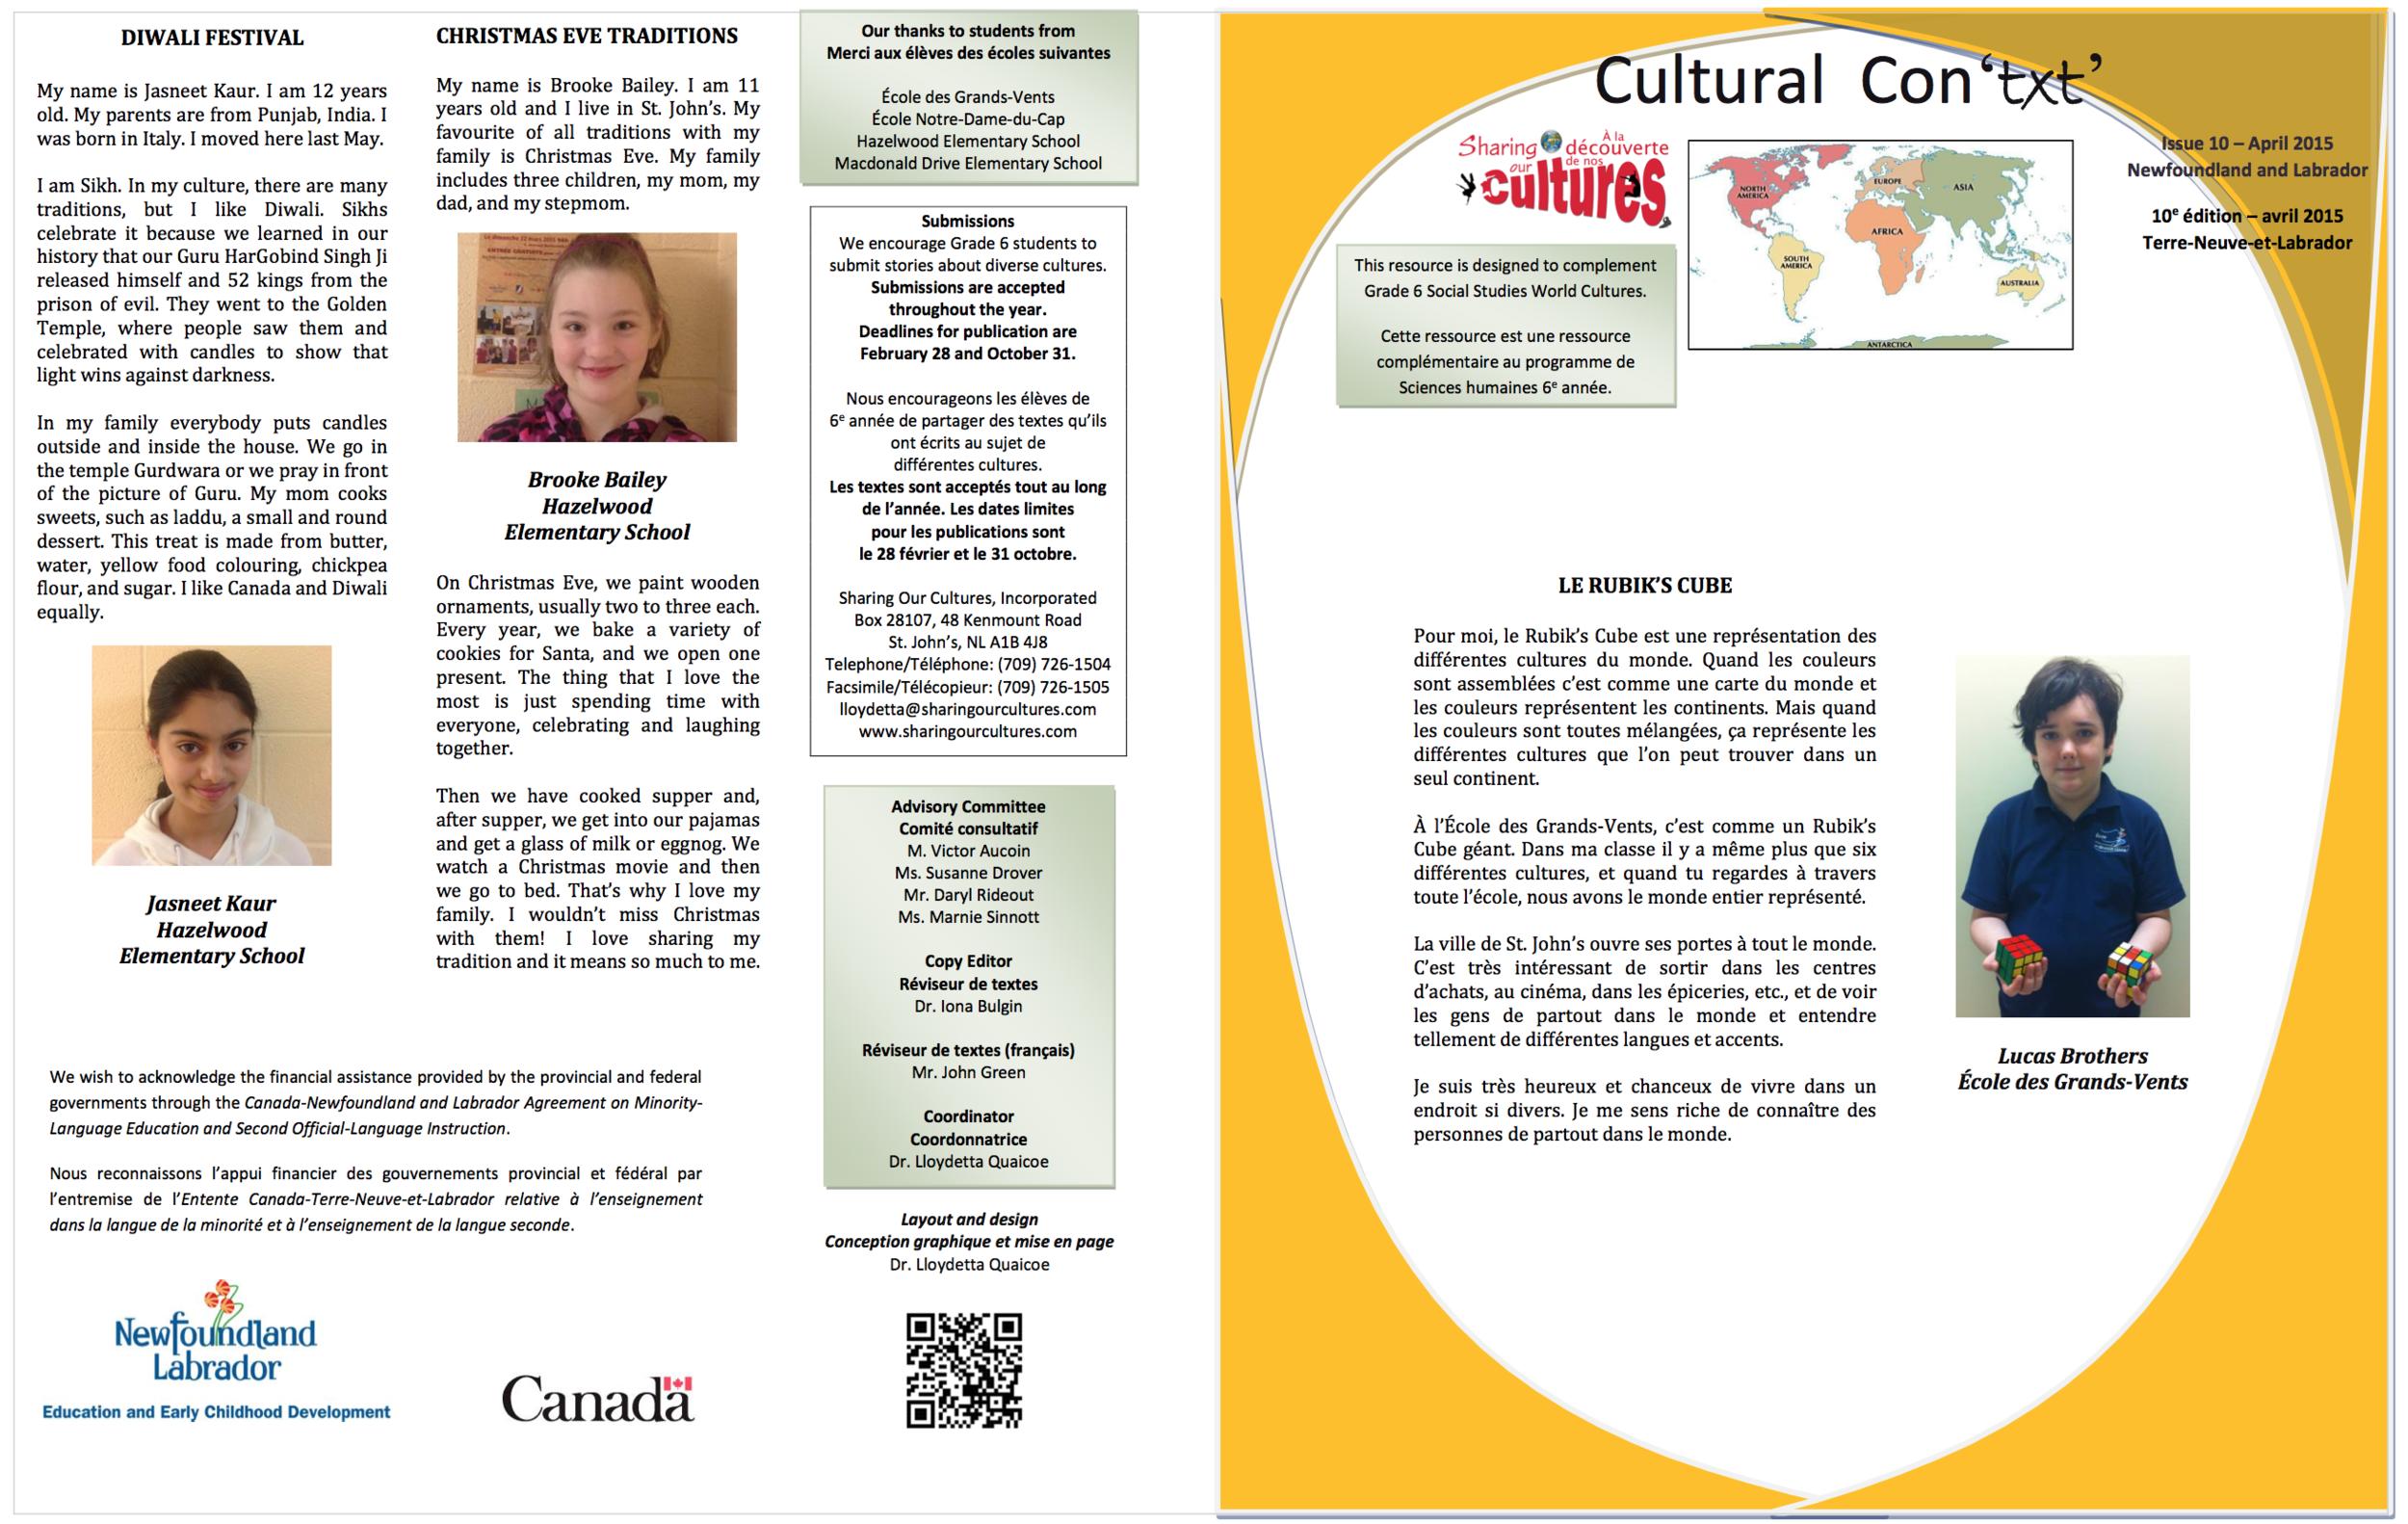 cultural contxt 2015.png